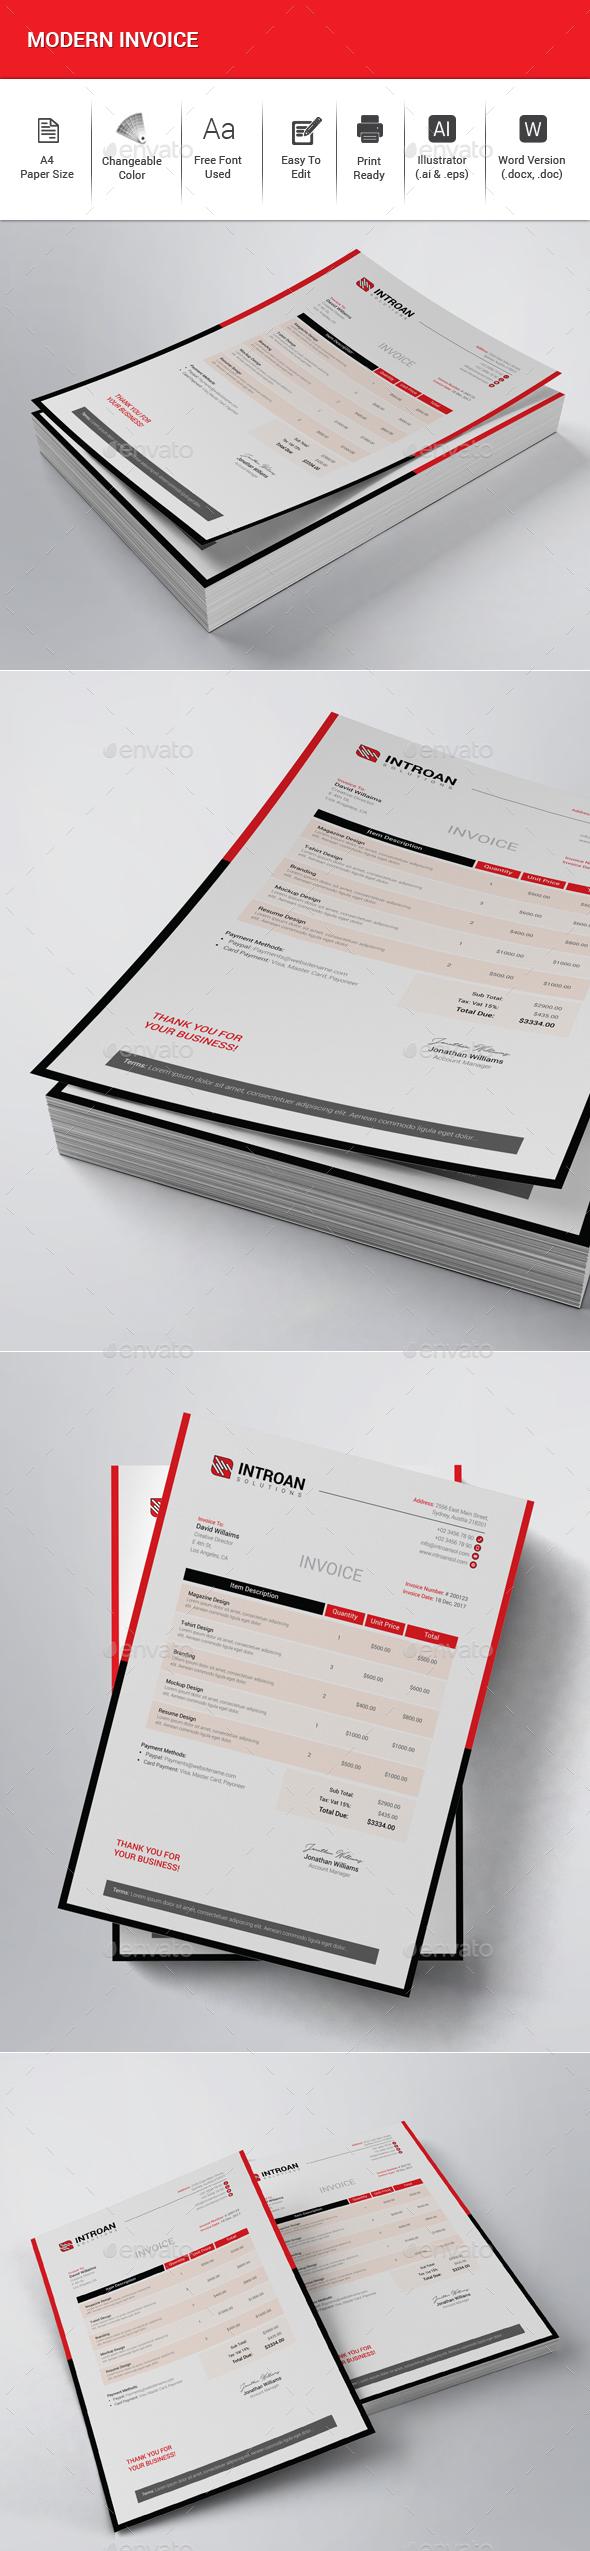 GraphicRiver Modern Invoice 21150878